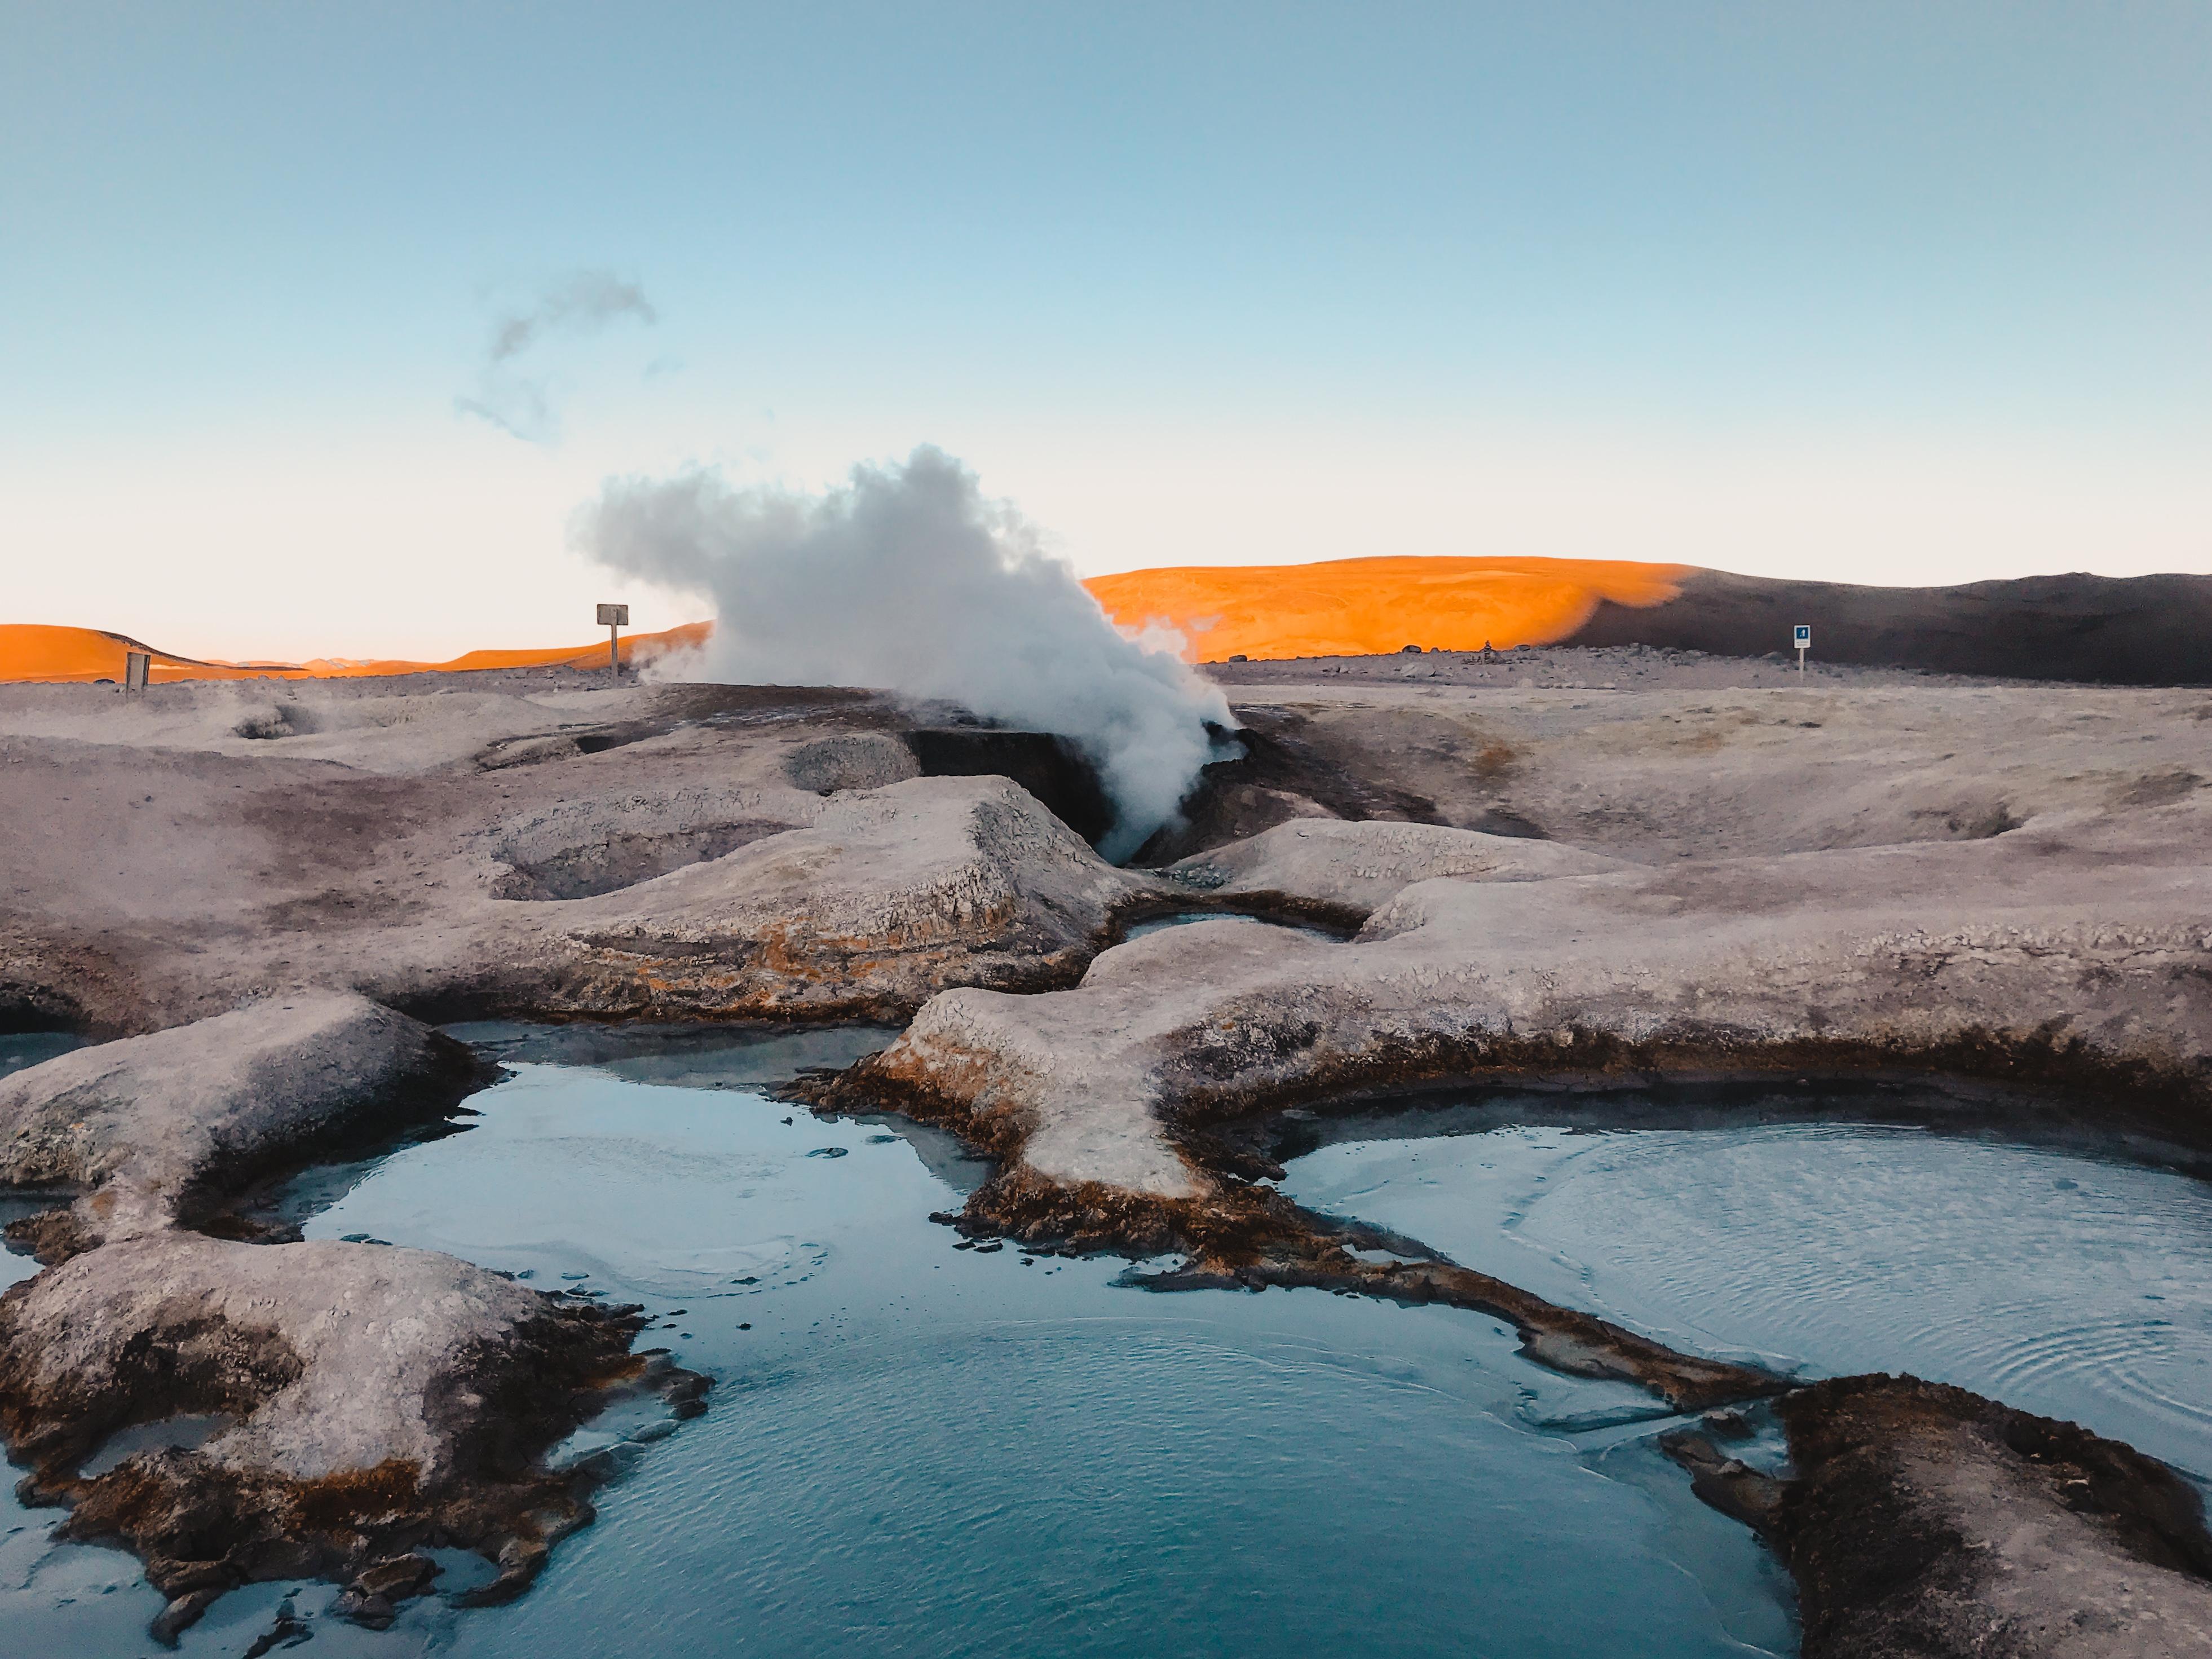 sulfur springs in desert Bolivia